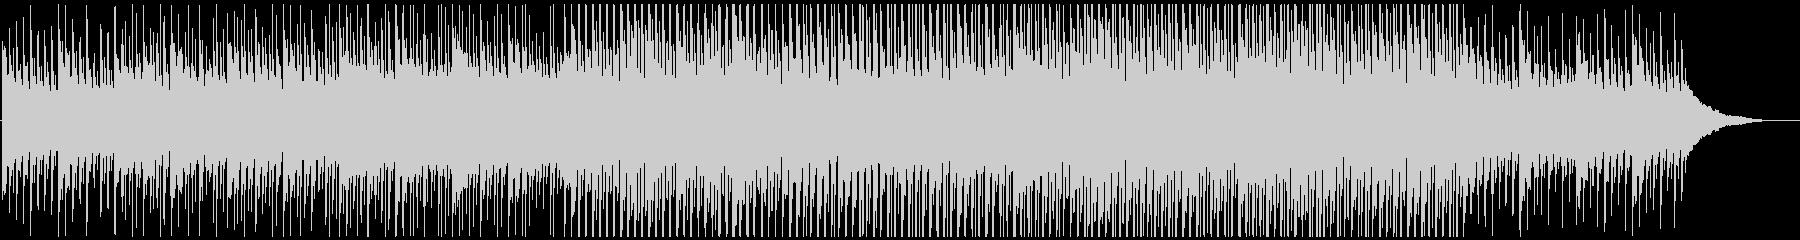 ピアノの静かなる高揚感の未再生の波形